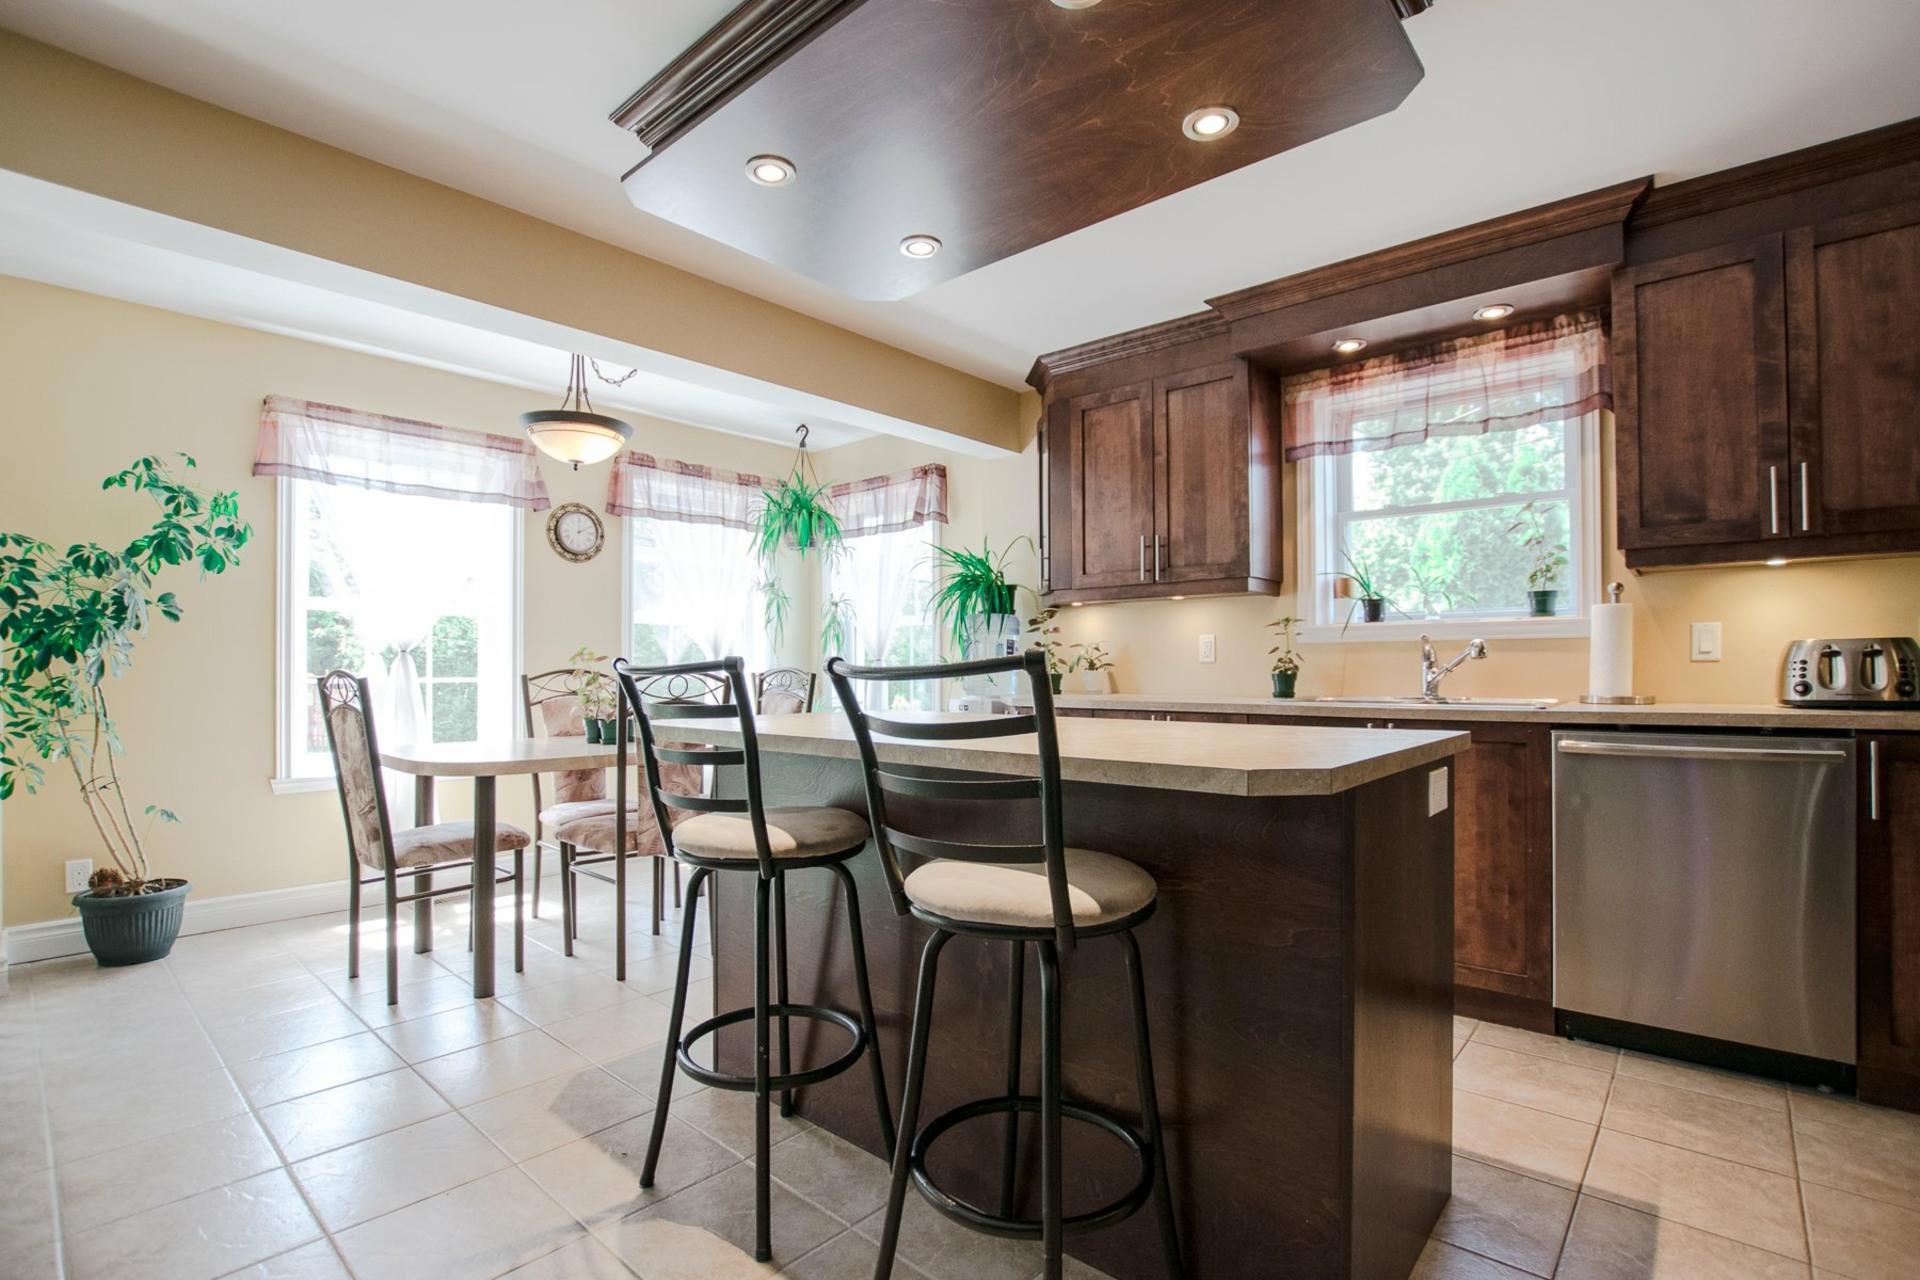 image 3 - MX - Casa sola - MX En venta Léry - 8 habitaciones